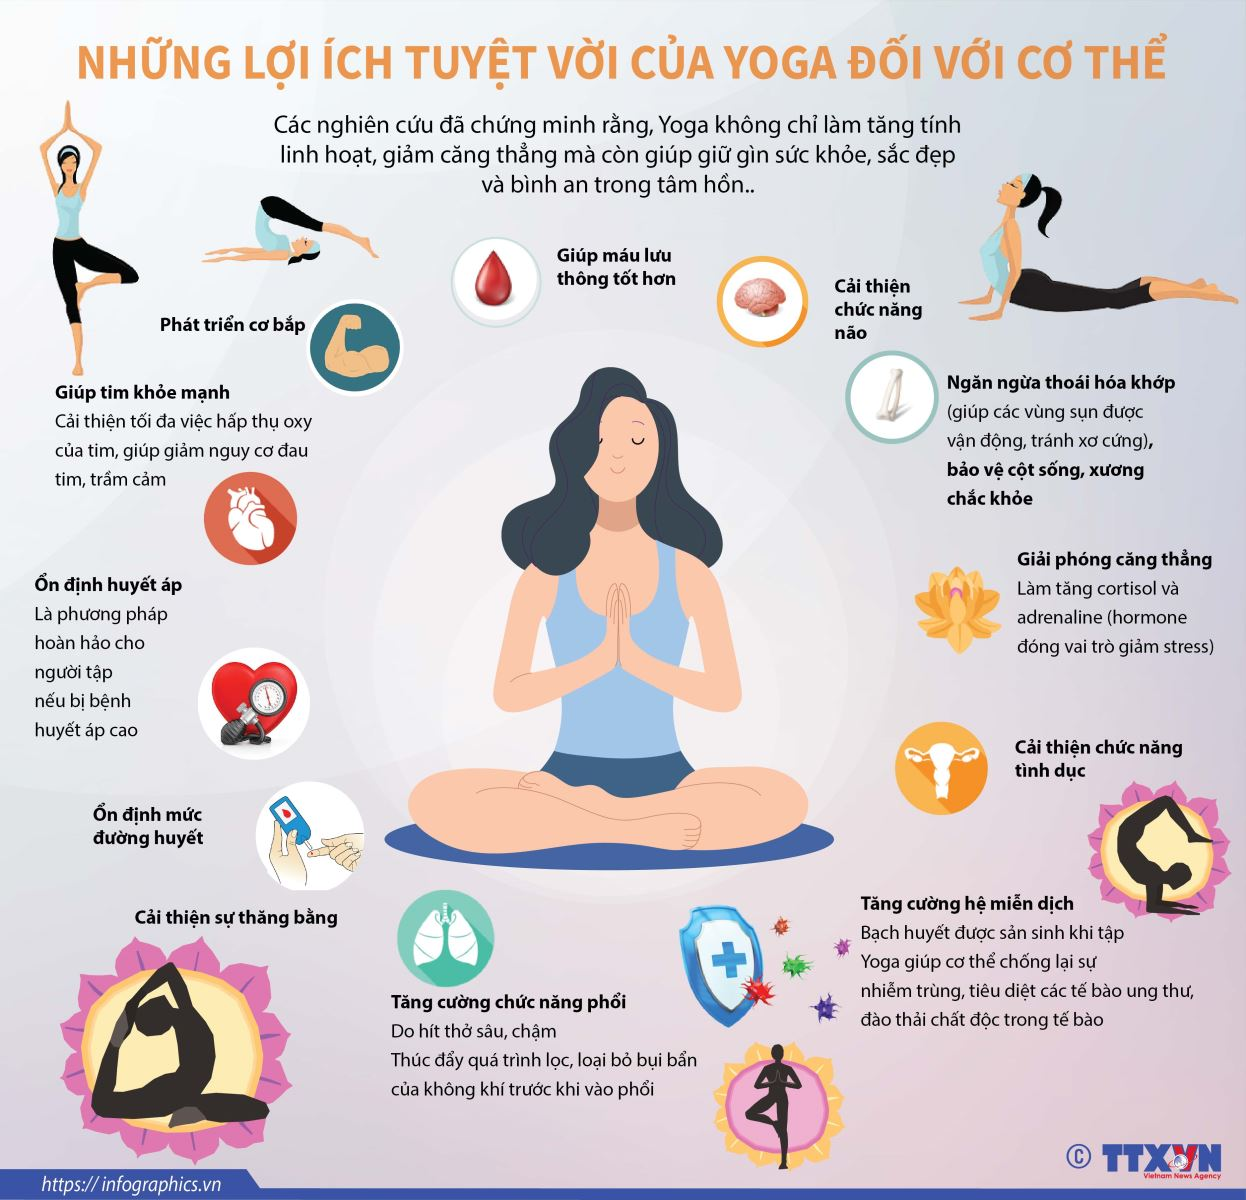 Ngày quốc tế yoga, Ngày quốc tế yoga 2019, Ngay quoc te yoga, Yoga, Yoga là gì, nguồn gốc yoga, ý nghĩa yoga, tập yoga, bắt đầu tập yoga, tập yoga thế nào, bài tập yoga